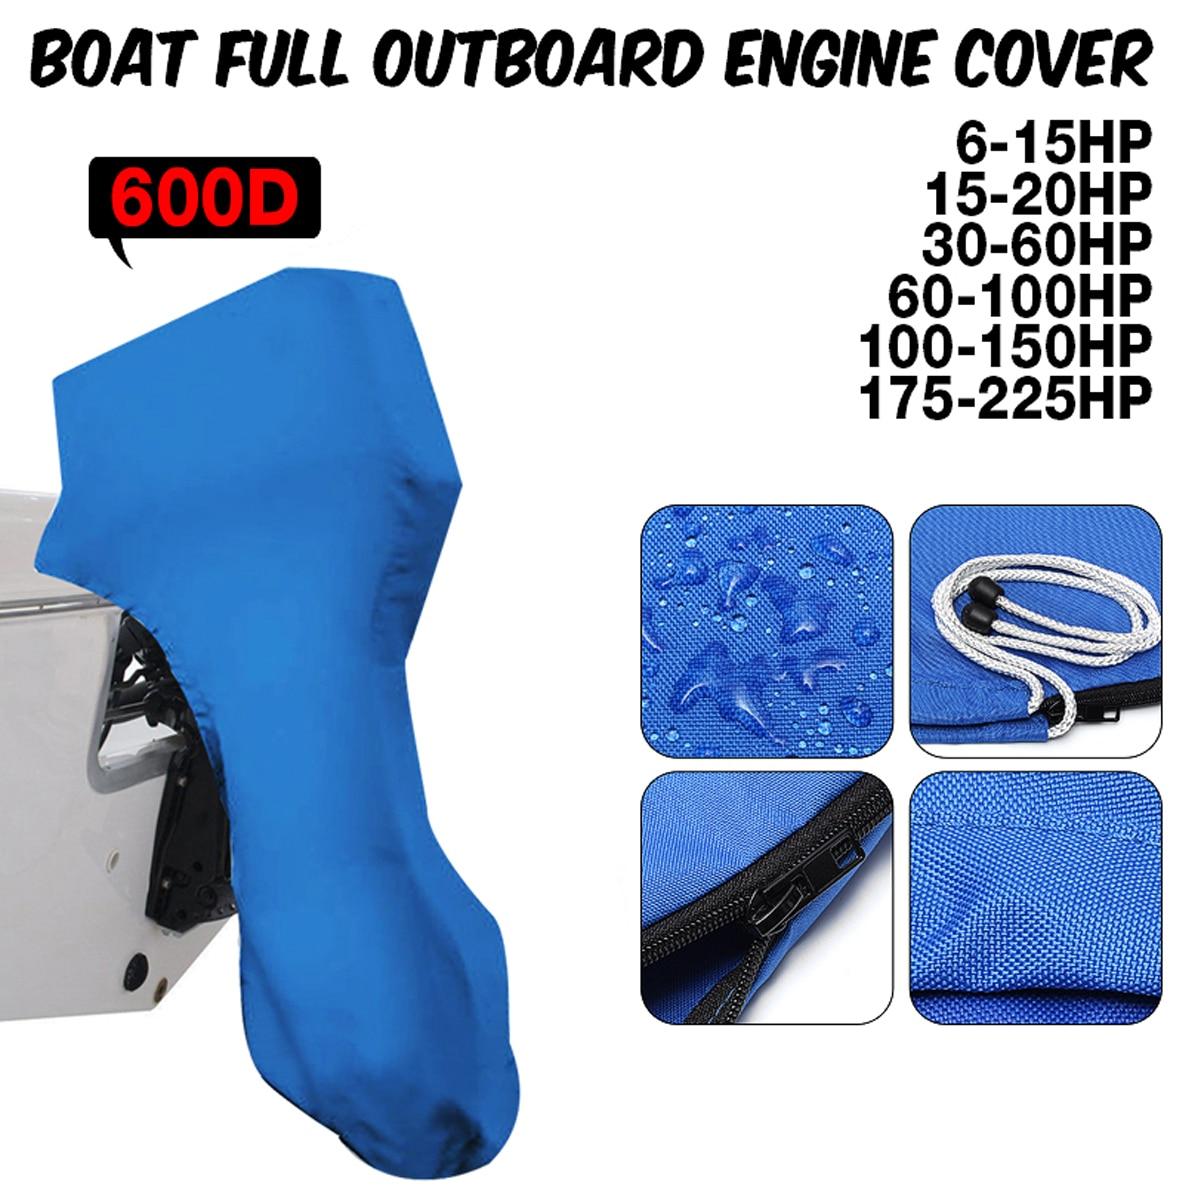 600D Boot Volle Außenbordmotor Abdeckung Blau Motor Motor Covers Schutz Für 6-225HP Wasserdicht